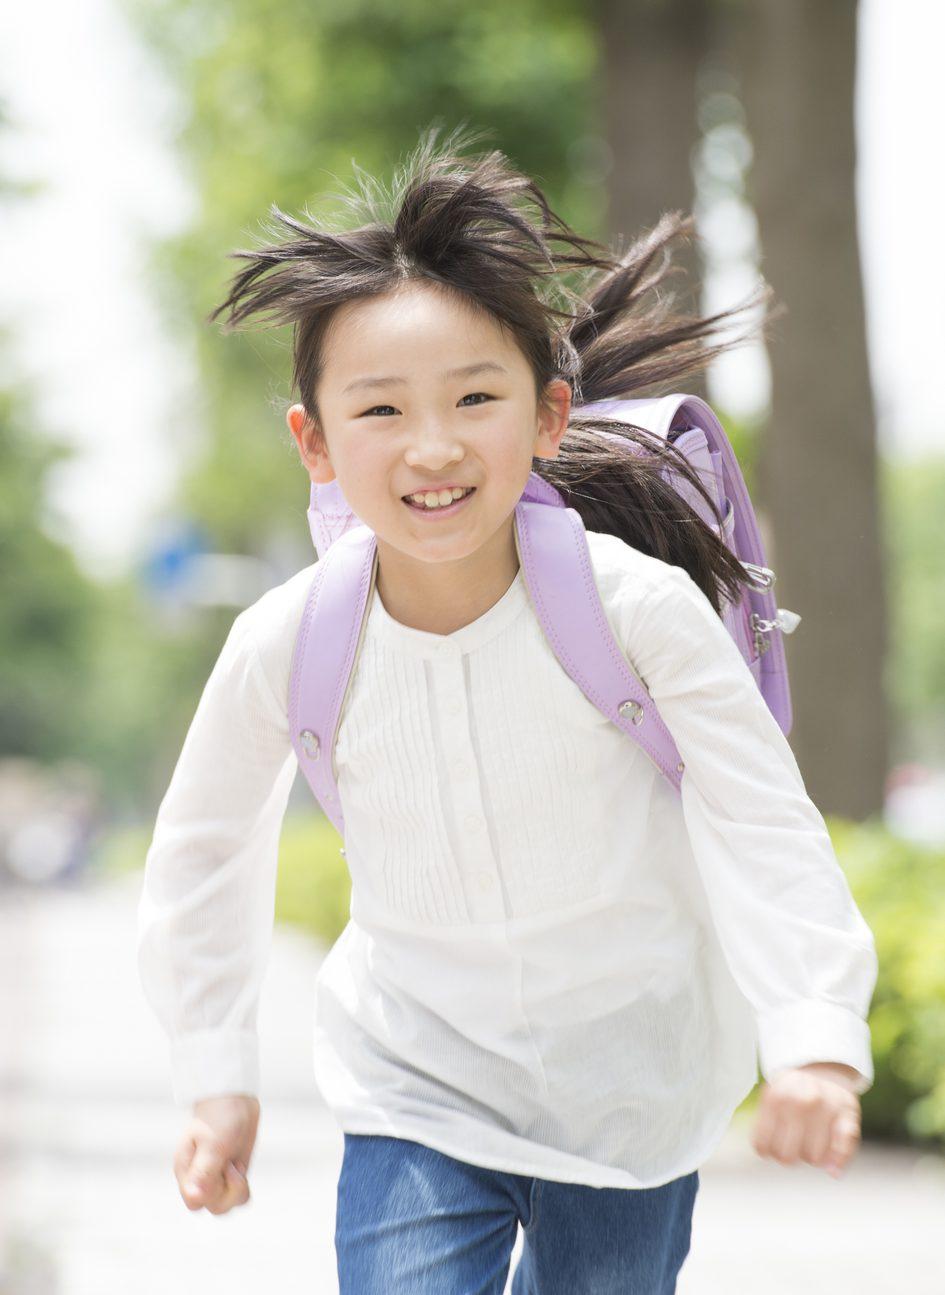 保育園・小学校・中学校が徒歩圏内に併設。だから安心して子供を見送れる